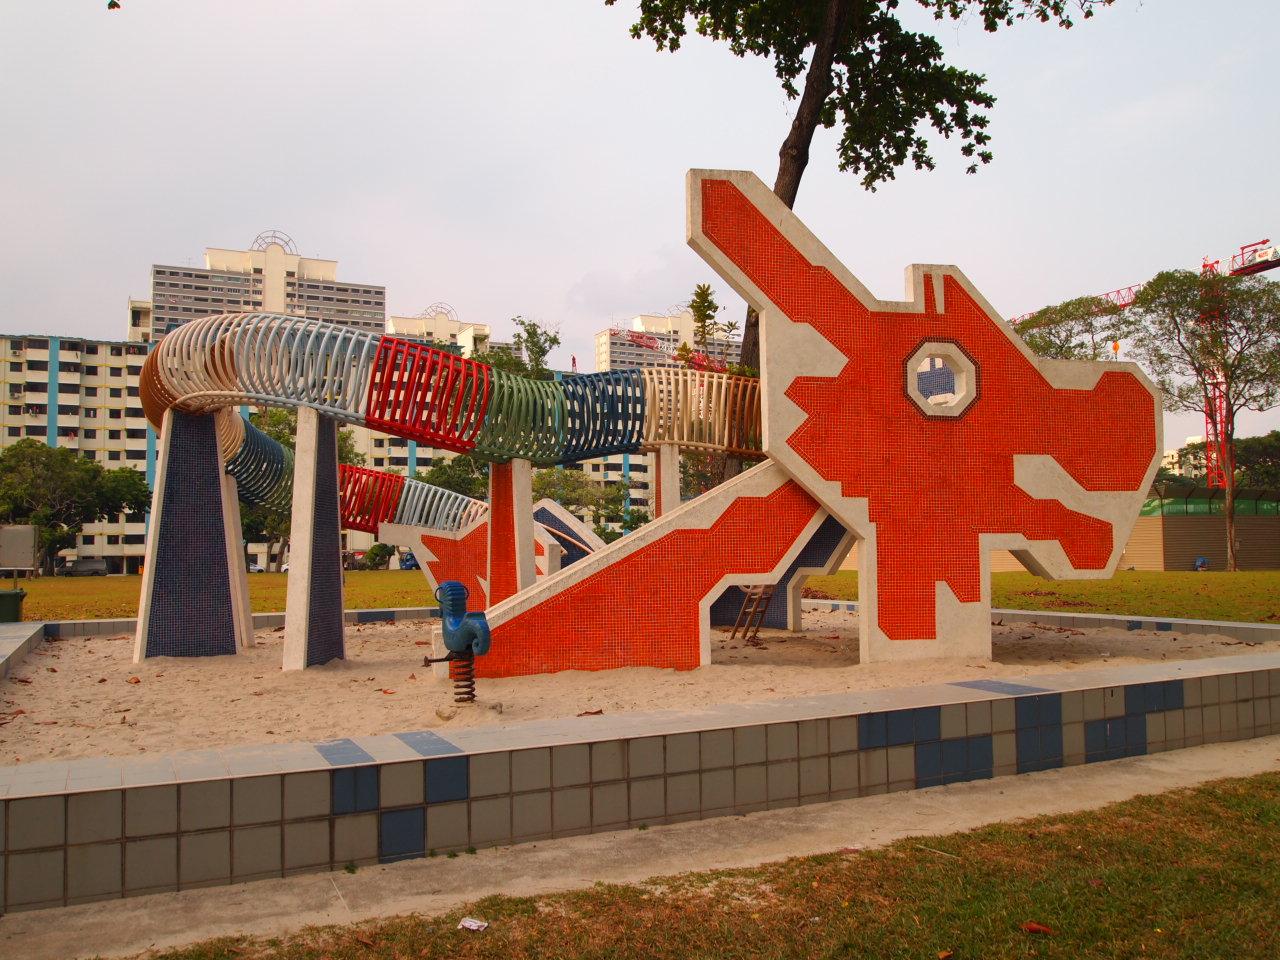 『sg50☆シンガポールその18 Day5 3~sg50アイコンを探せ!~』 シンガポール のブログ・旅行記 By